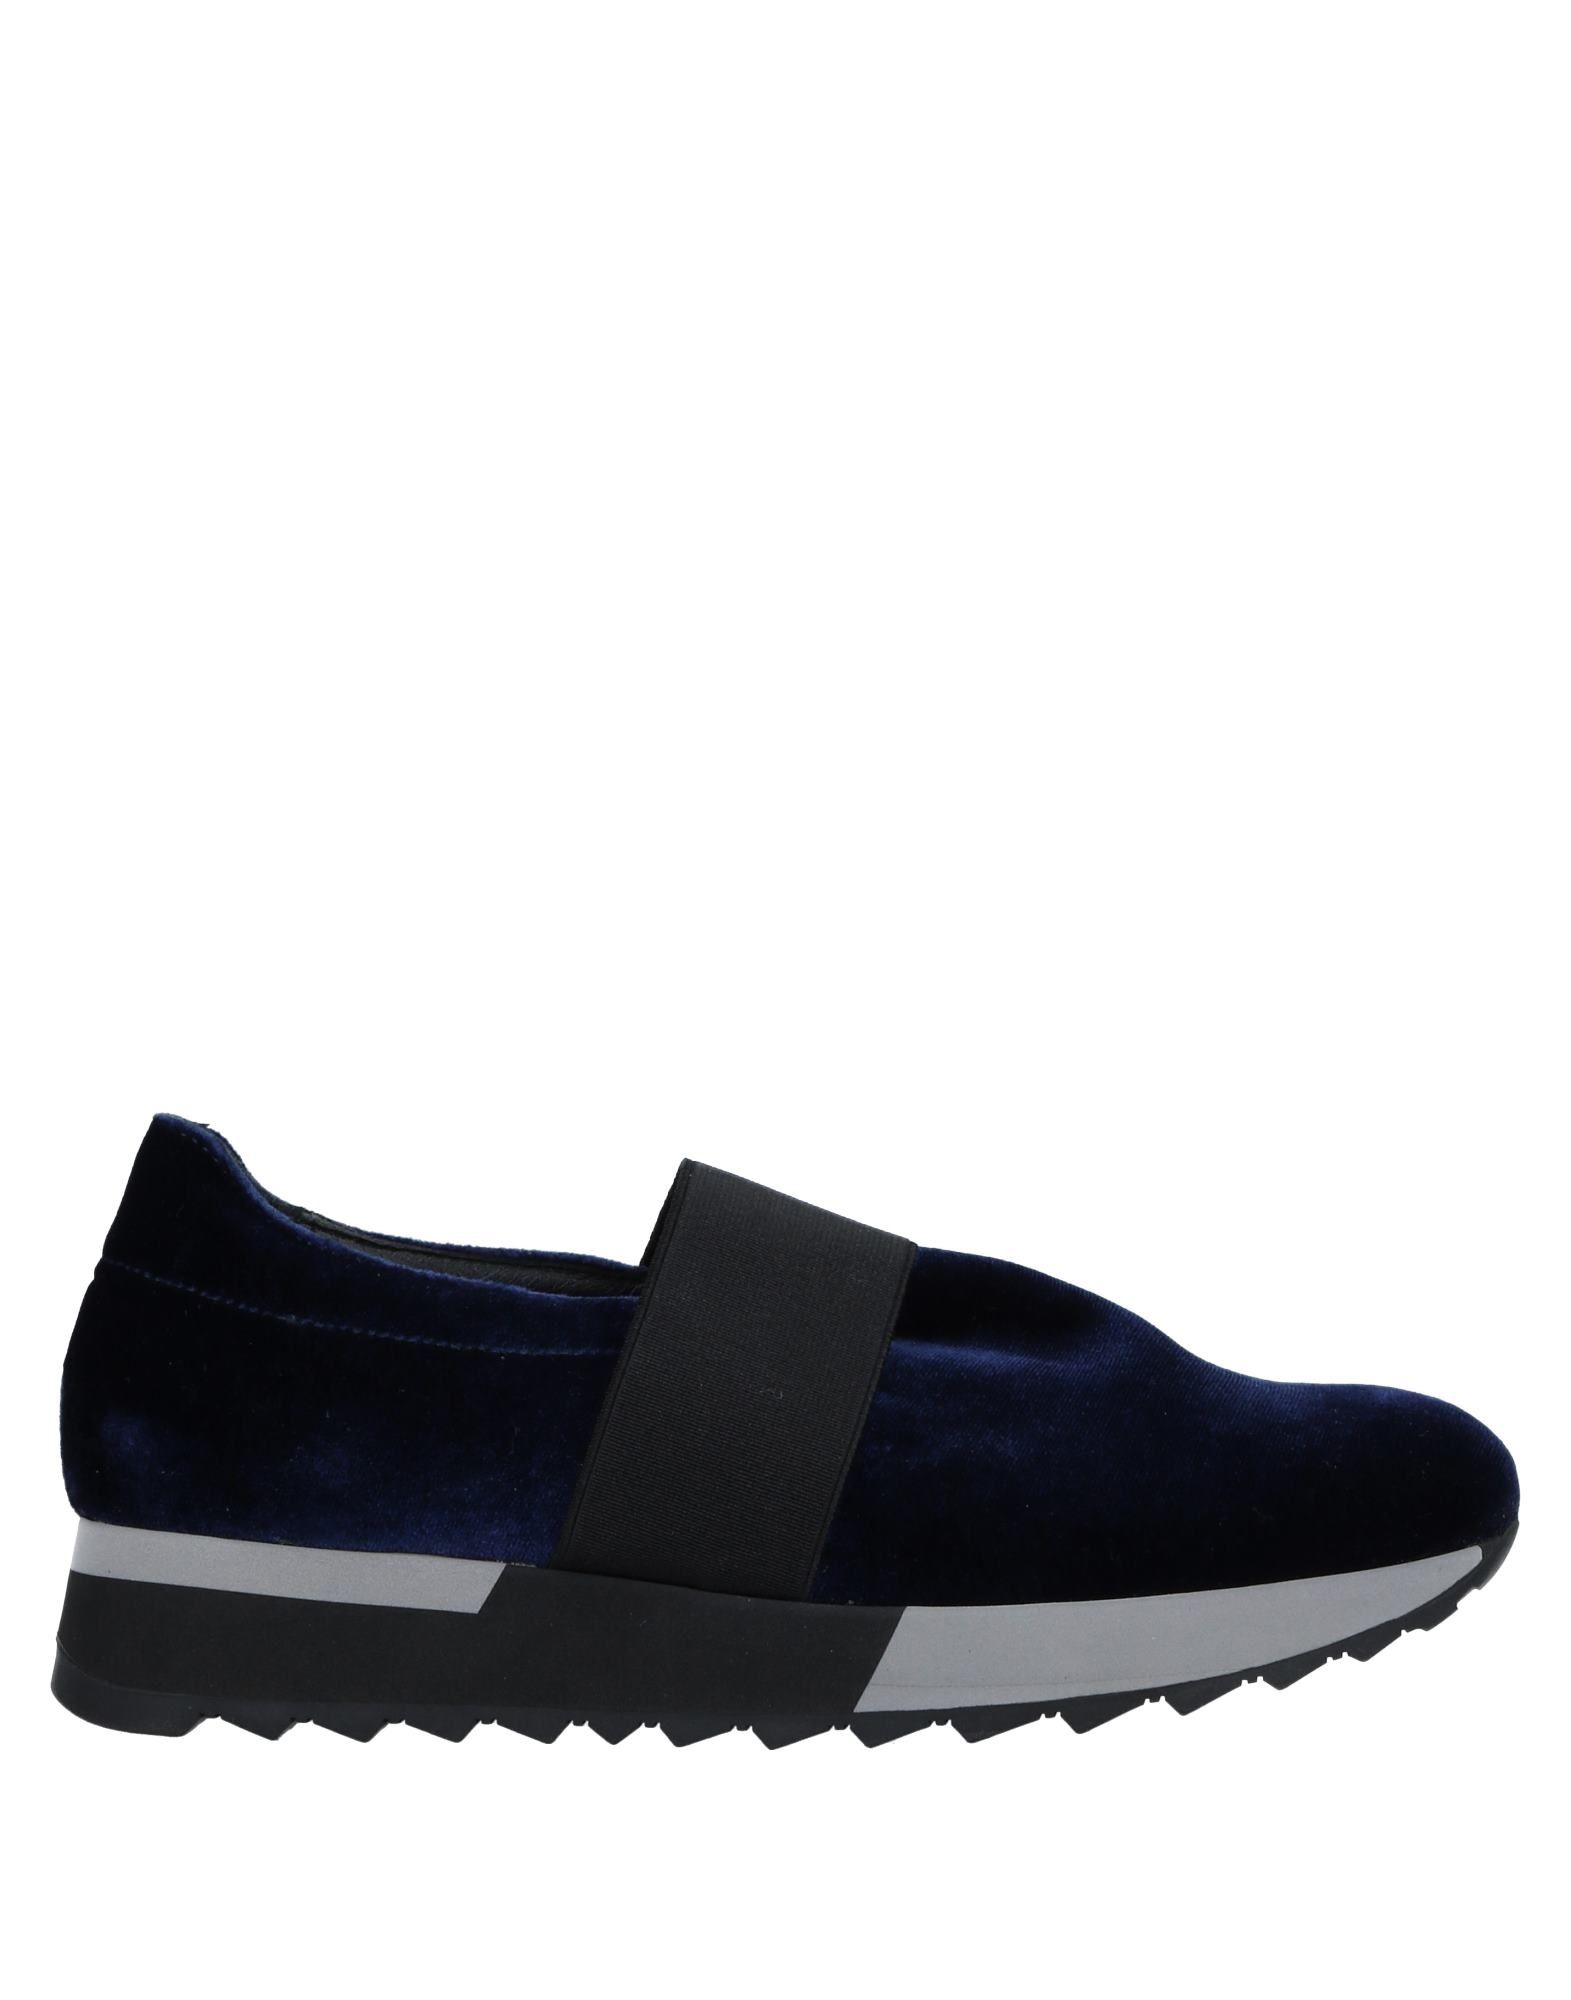 Sneakers - Angela George Donna - Sneakers 11533977GP d005ea